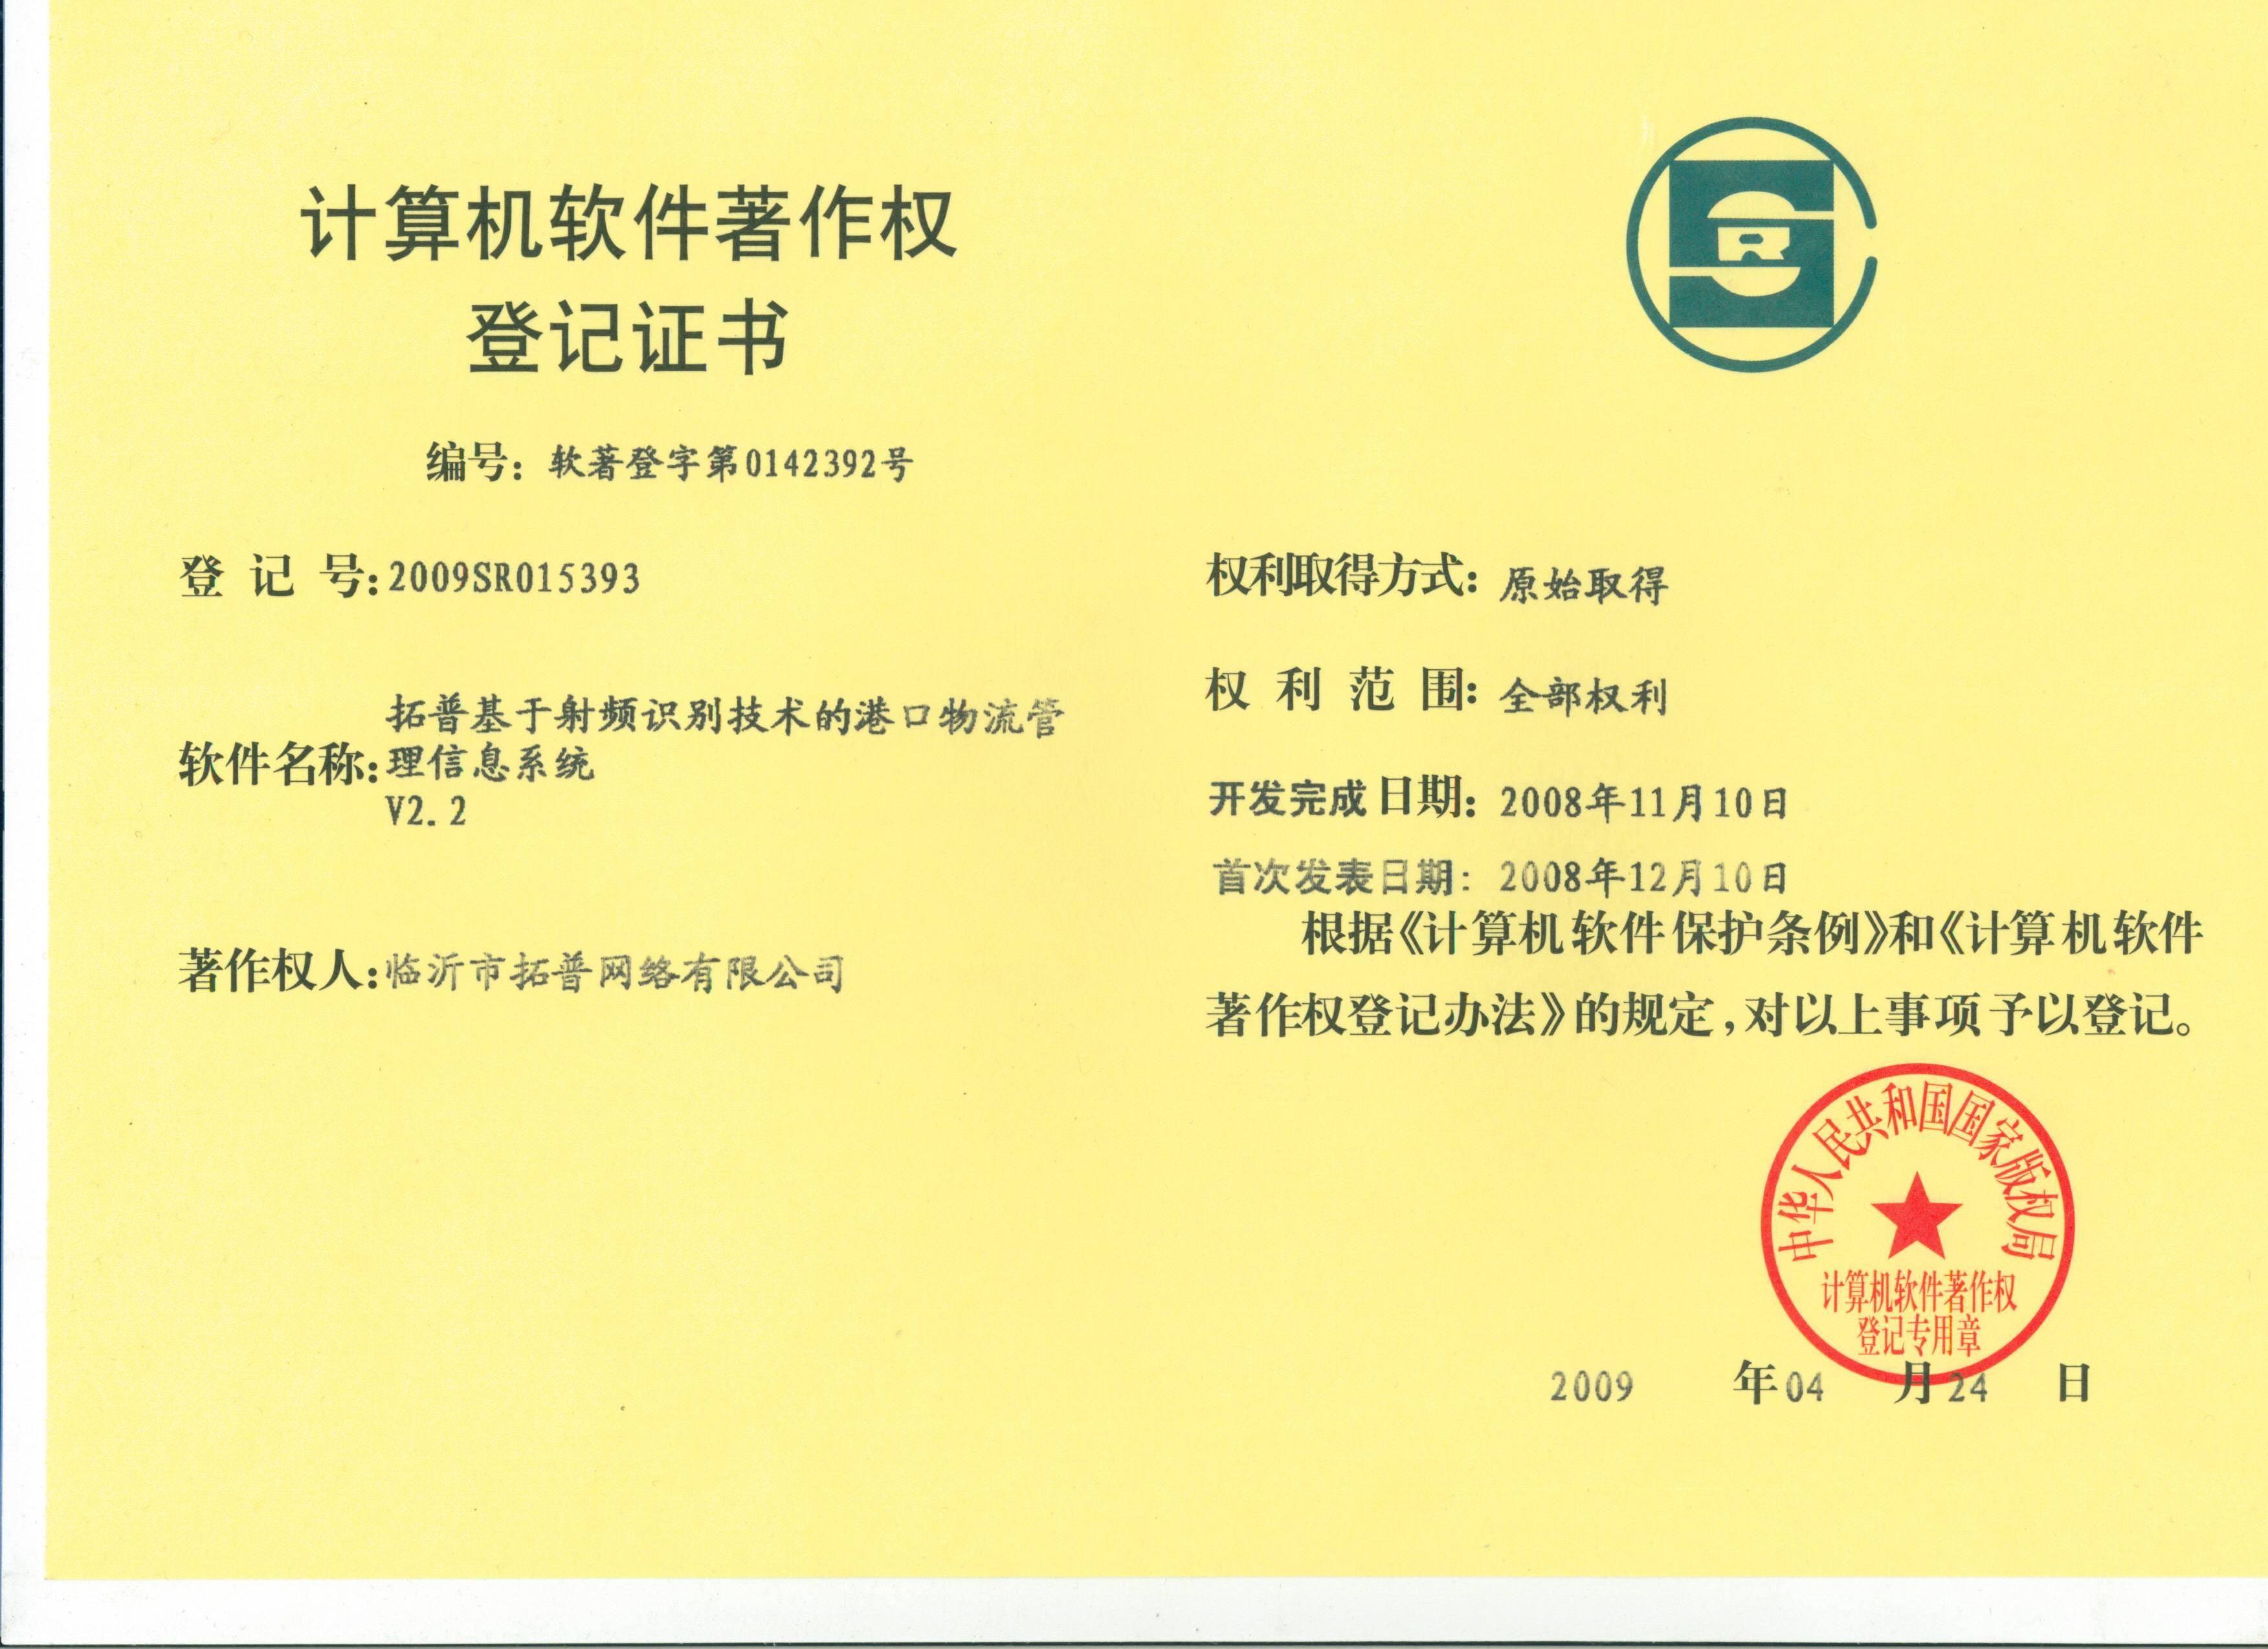 主题:《拓普基于射频识别技术的港口物流管理信息系统》 日期:2010-12-06